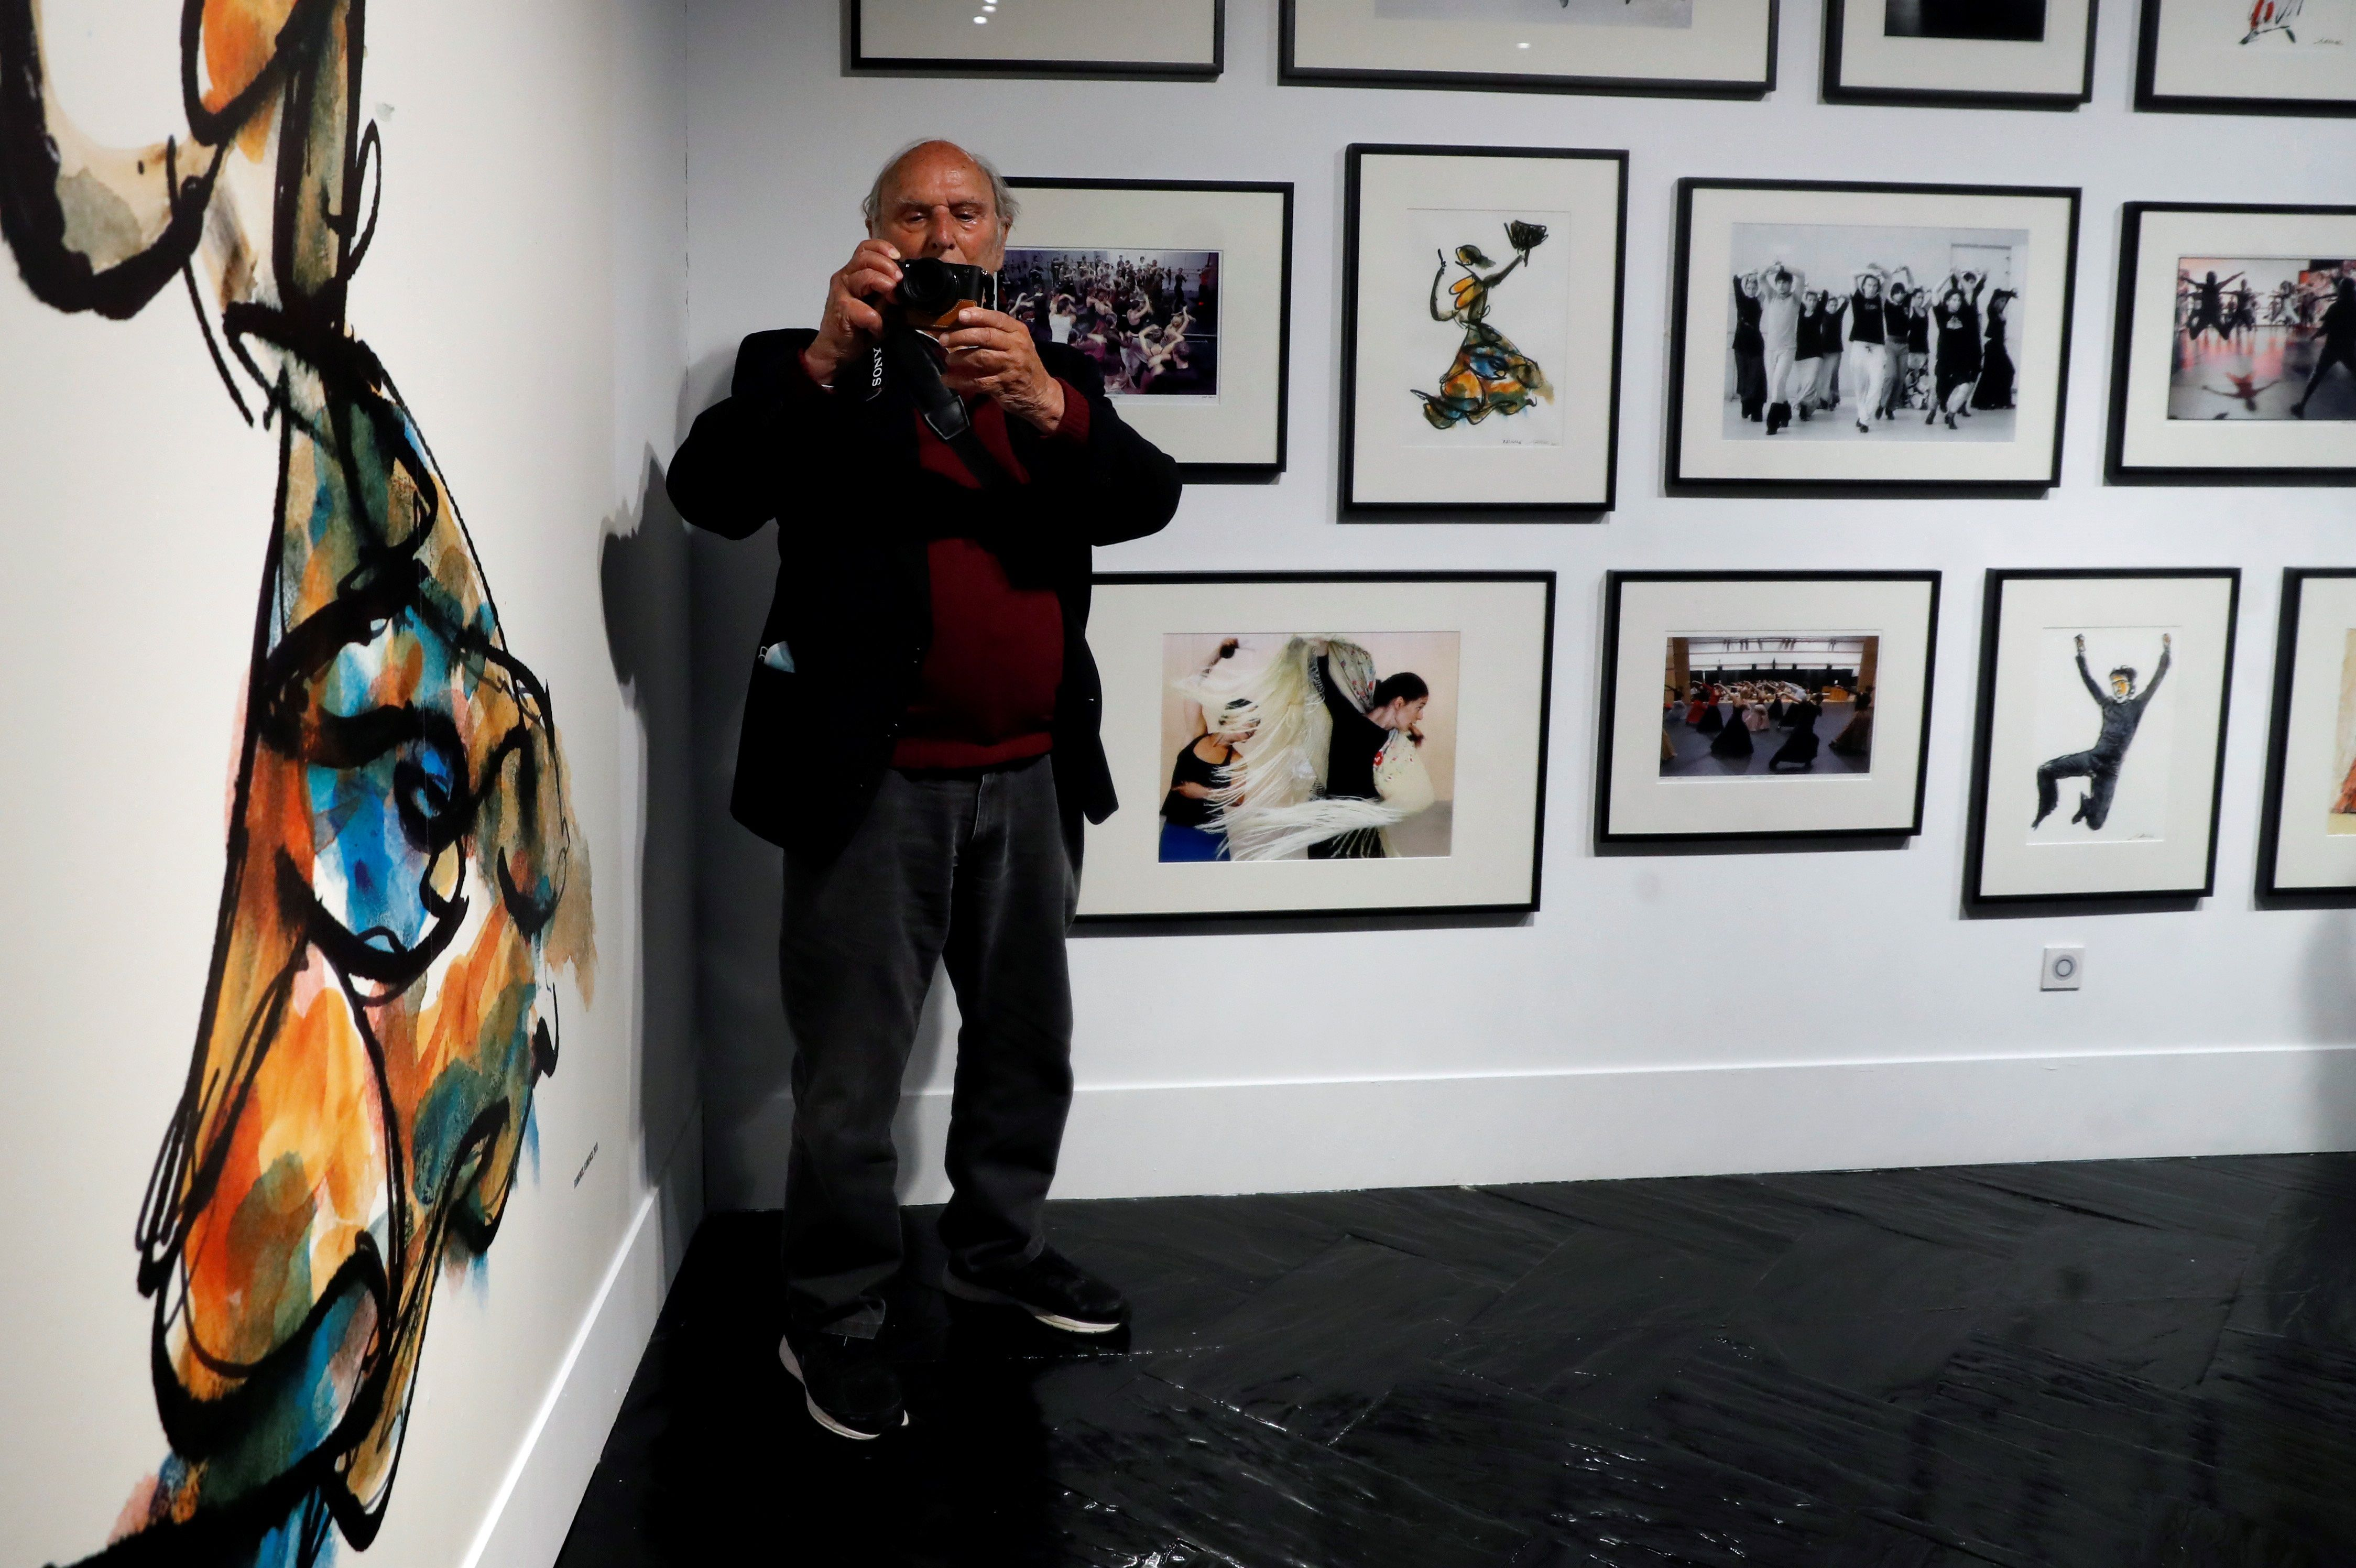 Carlos Saura no soltó la cámara durante la presentación de la exposición en el Fernán Gómez del Centro Cultural de la Villa